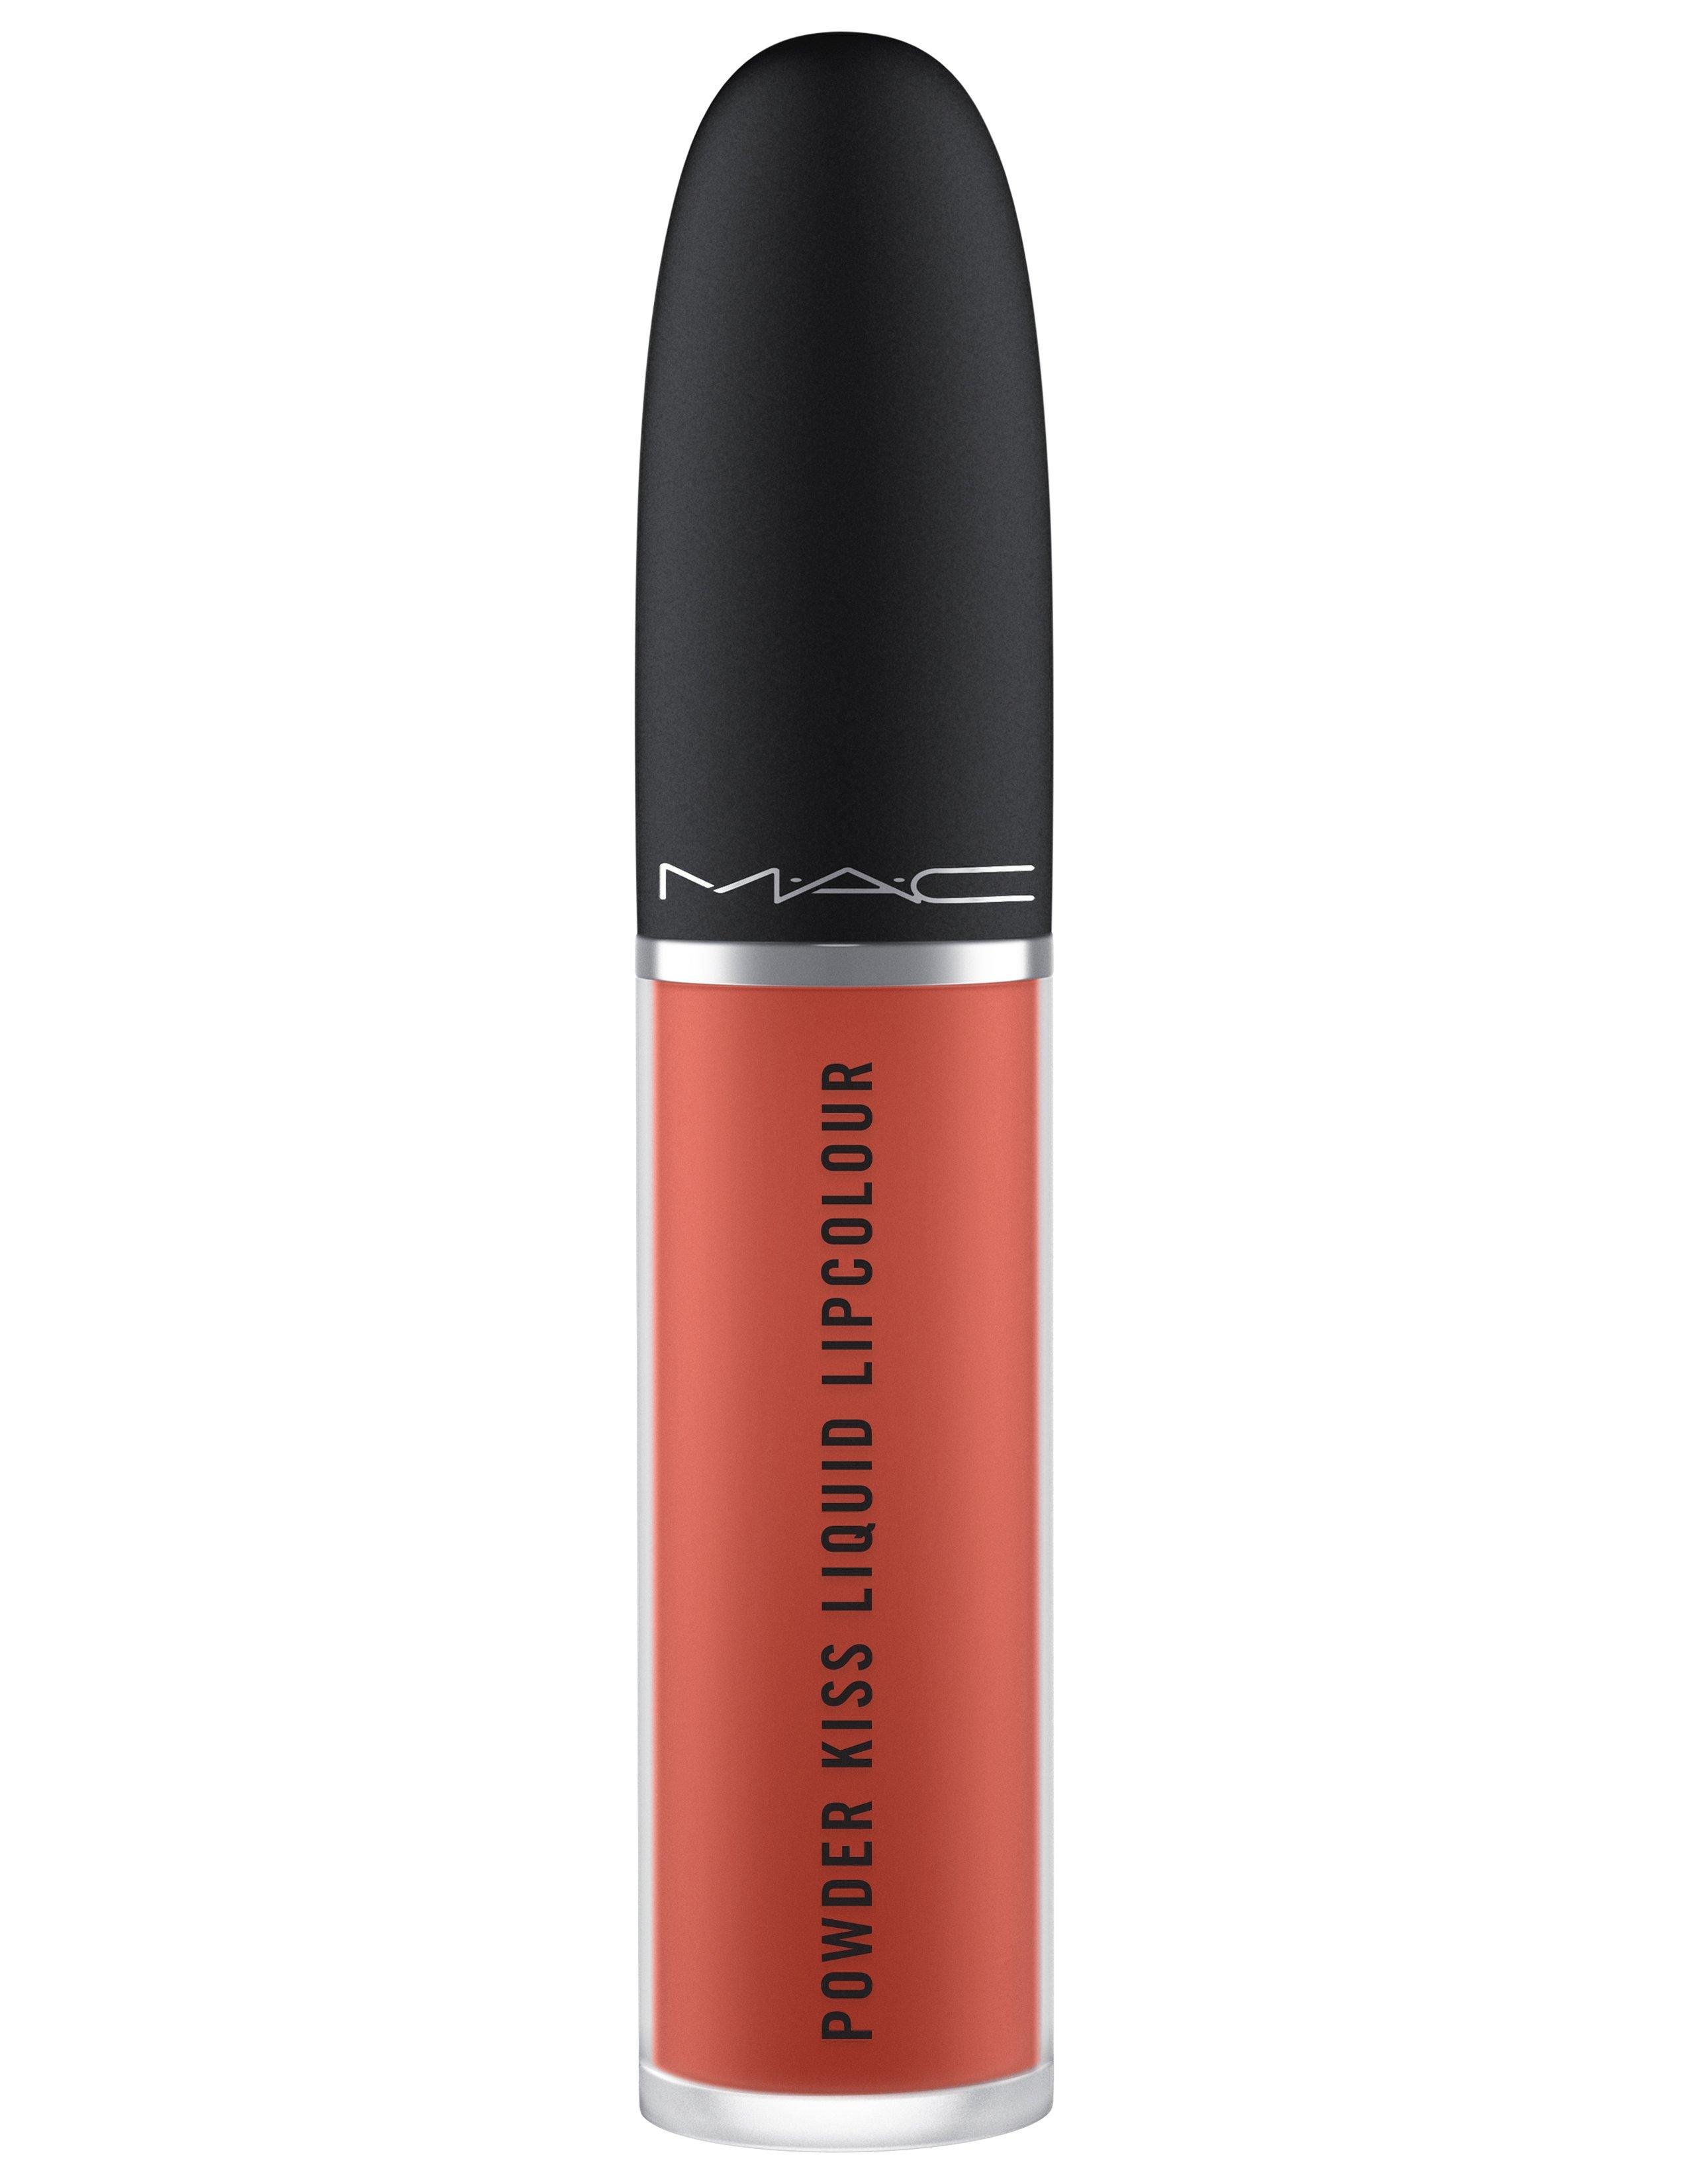 ماركة الماكياج العالمية M.A.C توسع مجموعة Powder Kissمع منتجات جديدة للشفتين والعينين